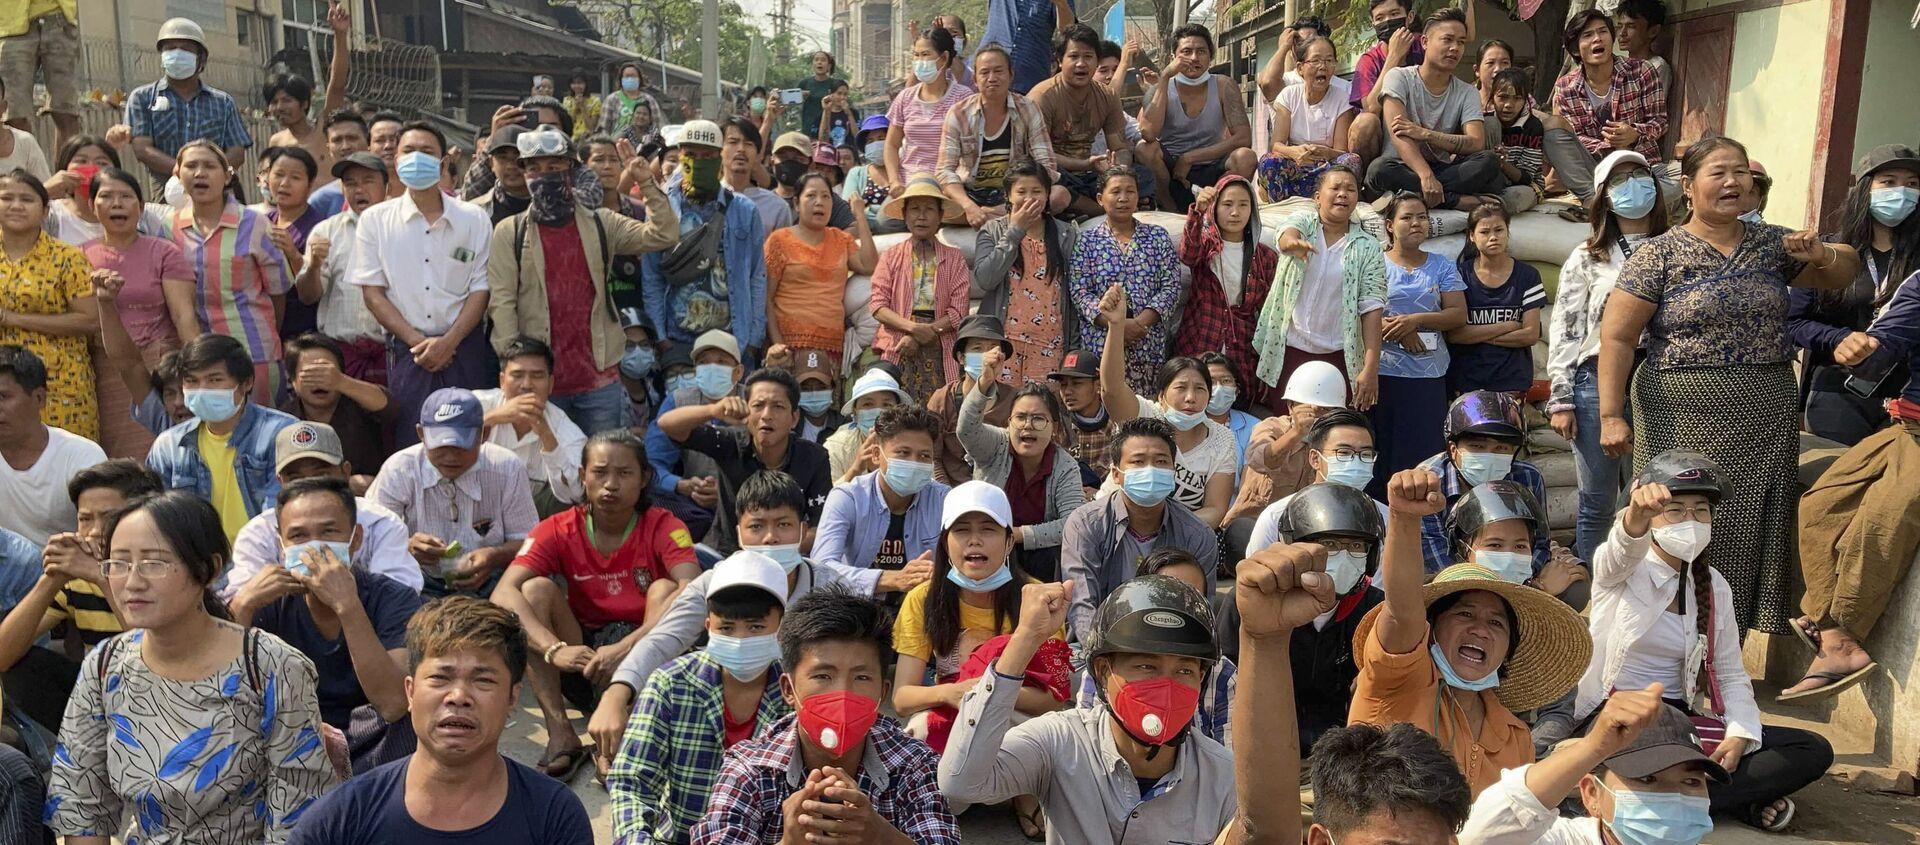 Người biểu tình phản đối đảo chính quân sự ở Mandalay, Myanmar. - Sputnik Việt Nam, 1920, 13.03.2021